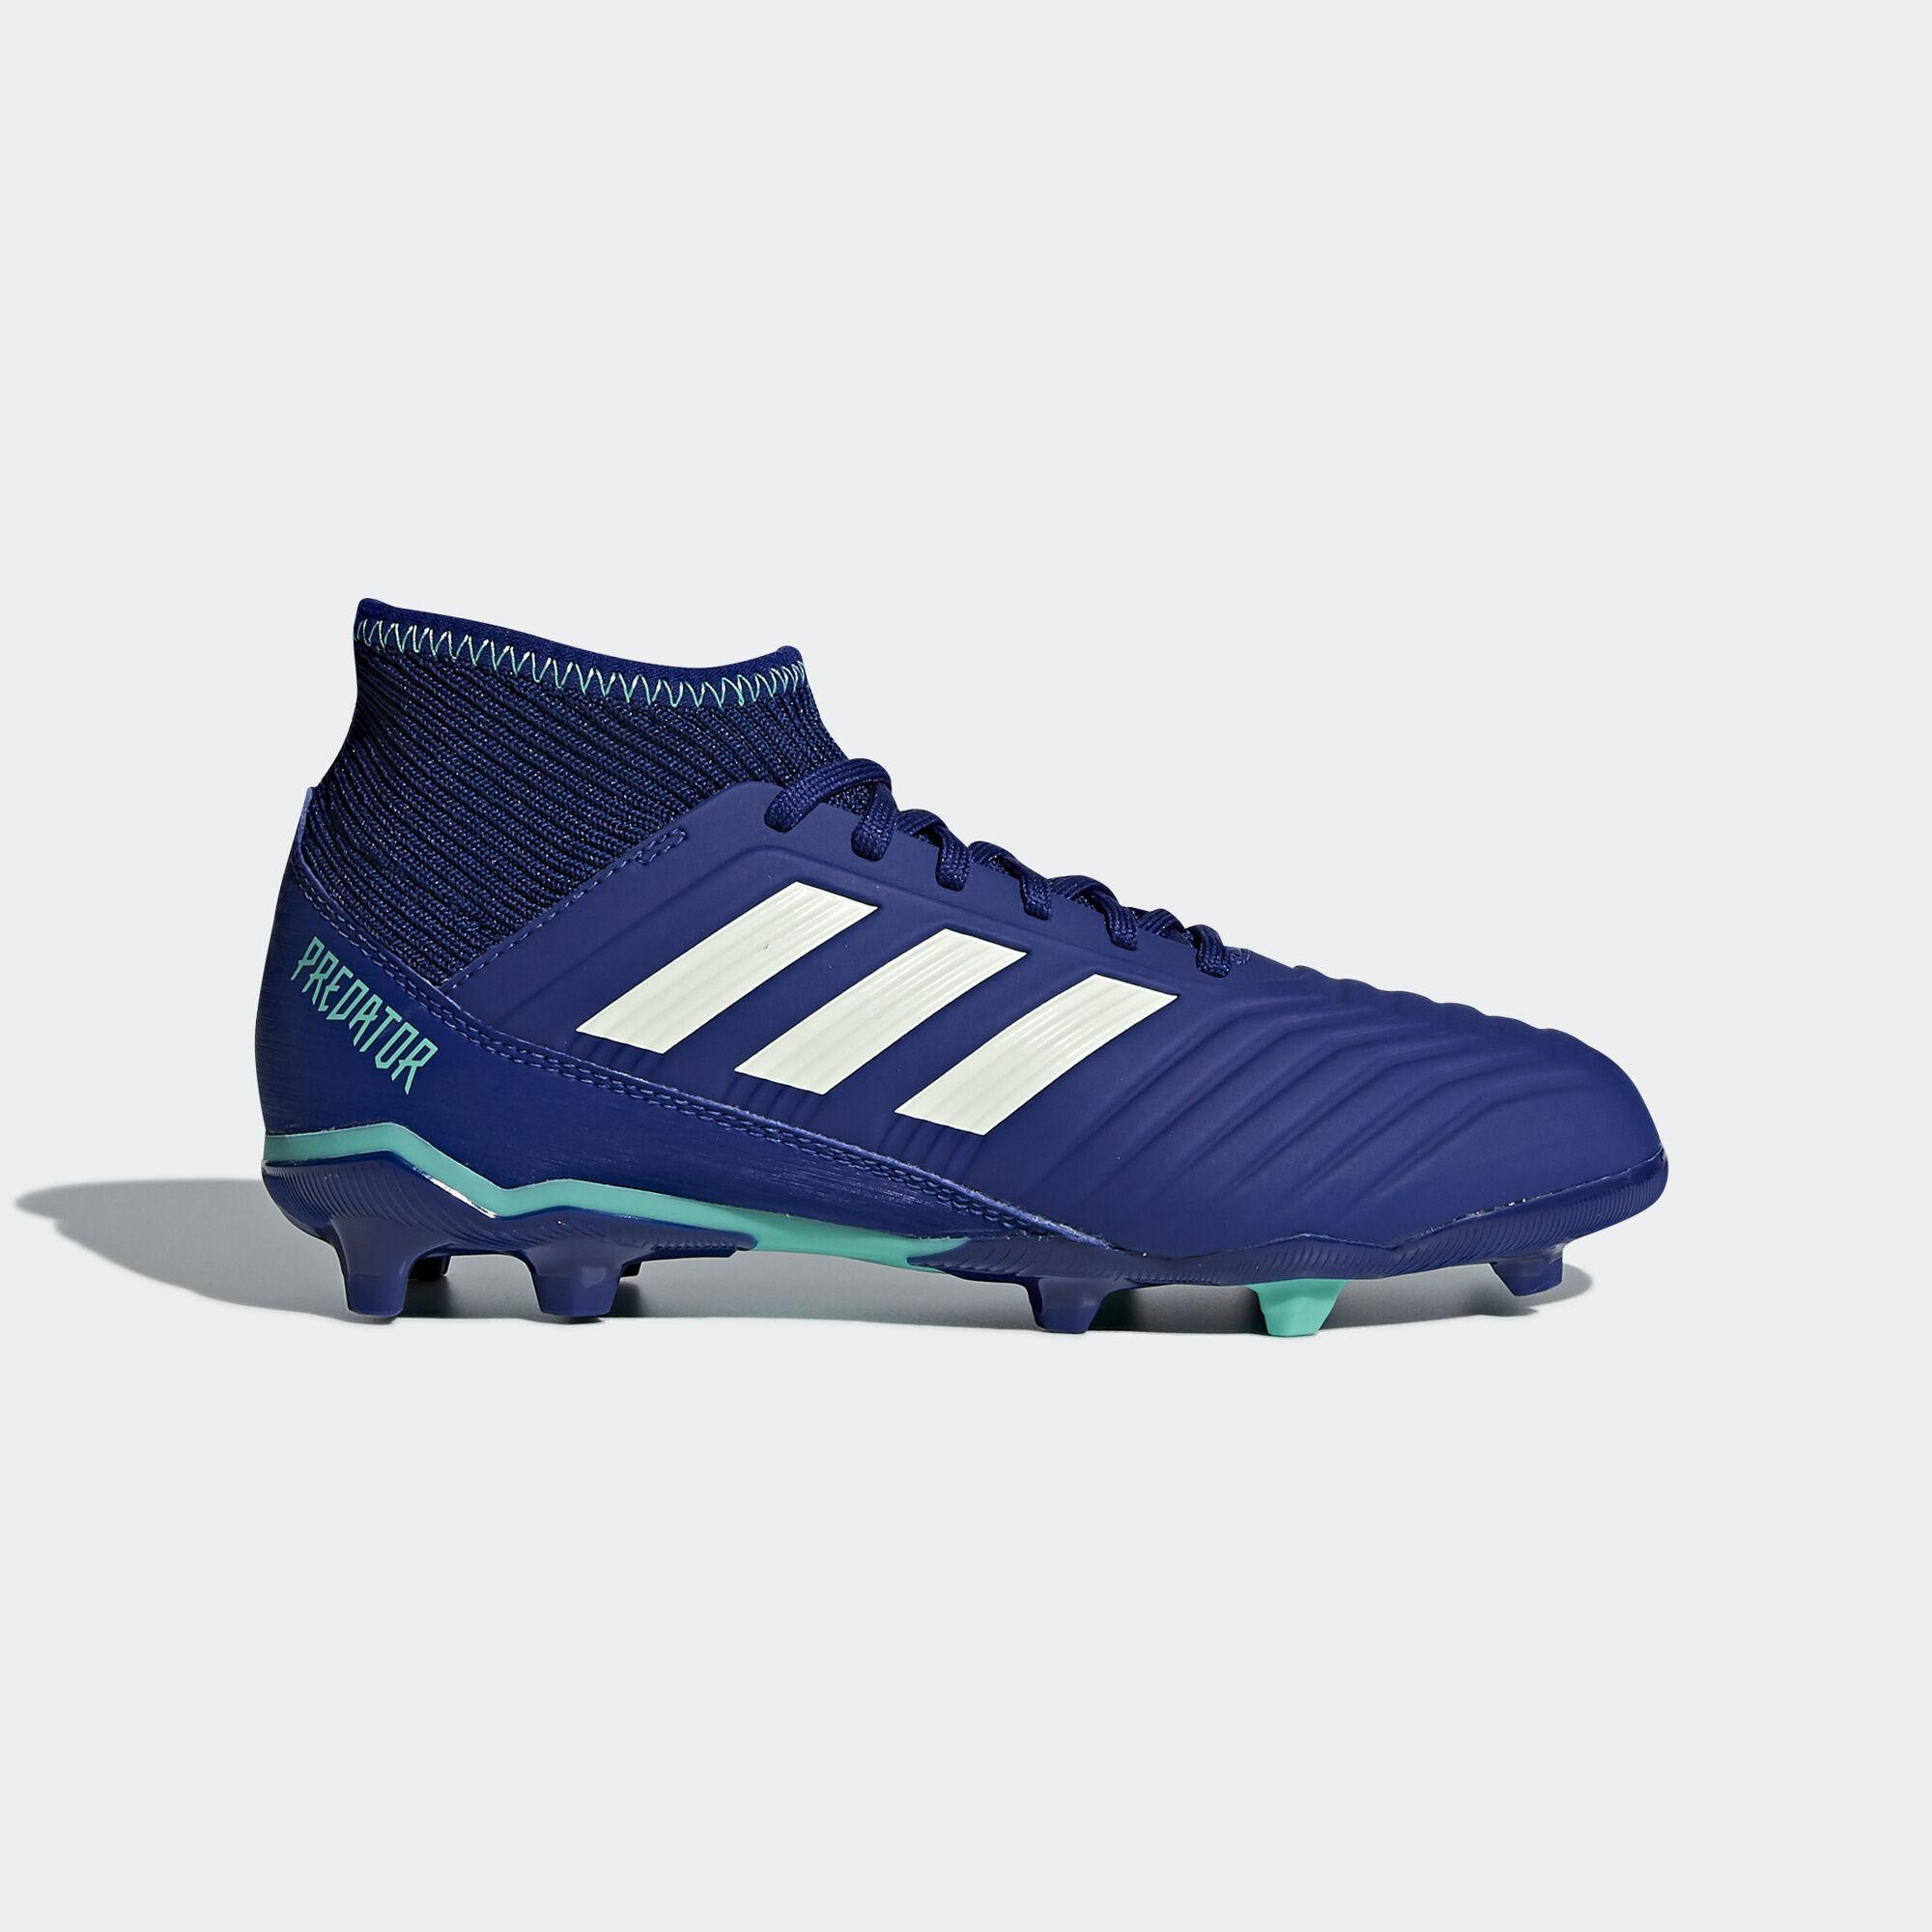 Adidas Bota de fútbol Predator 18.3 césped natural seco HELIĀ Zapatos de salón mujer TWnNpxVPJo